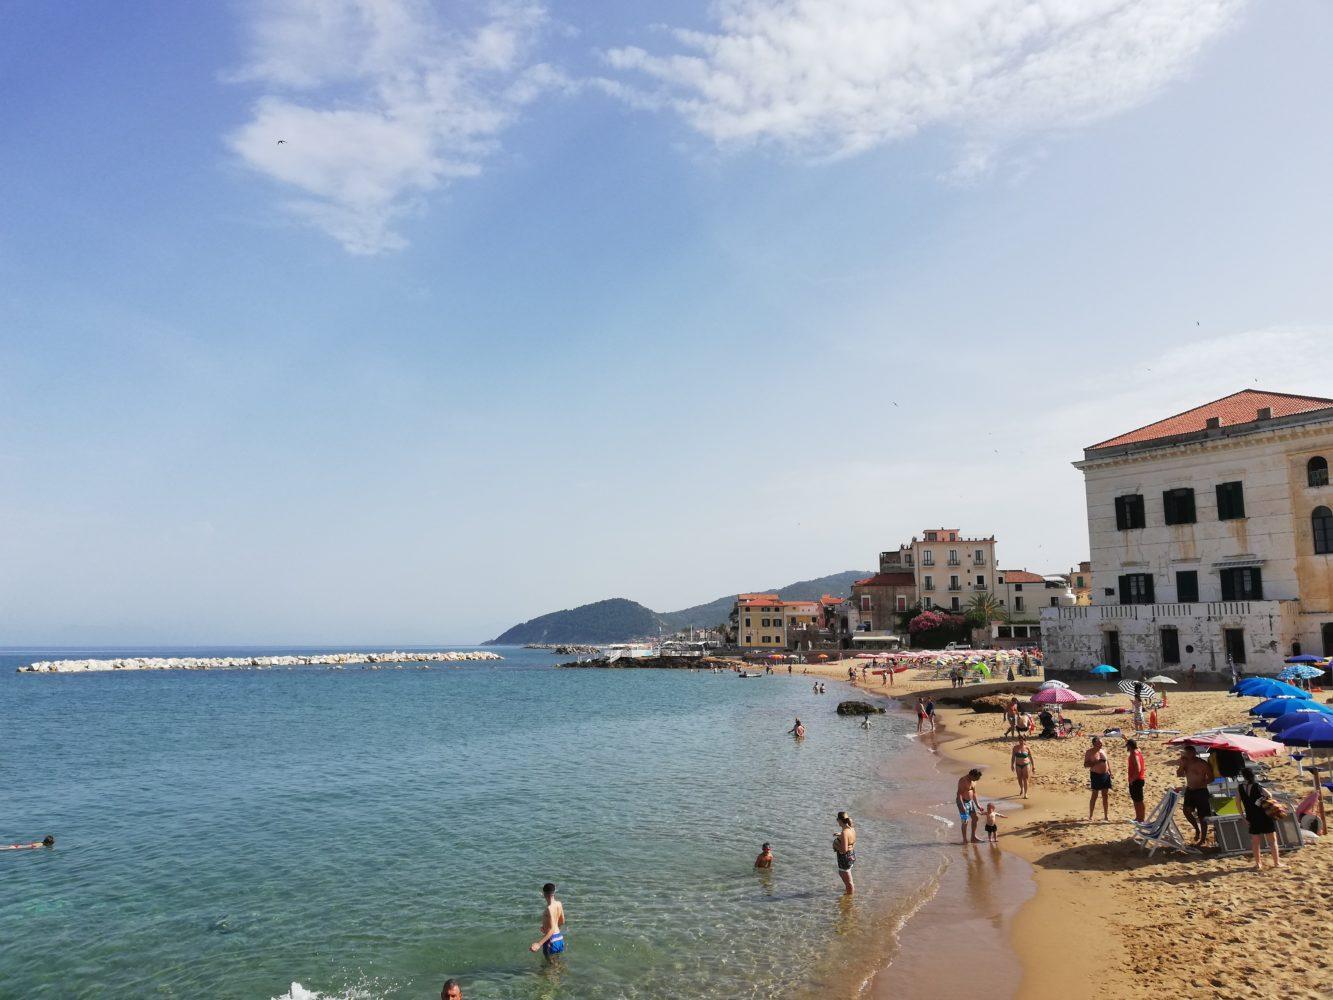 spiagge di castellabatemarina piccola